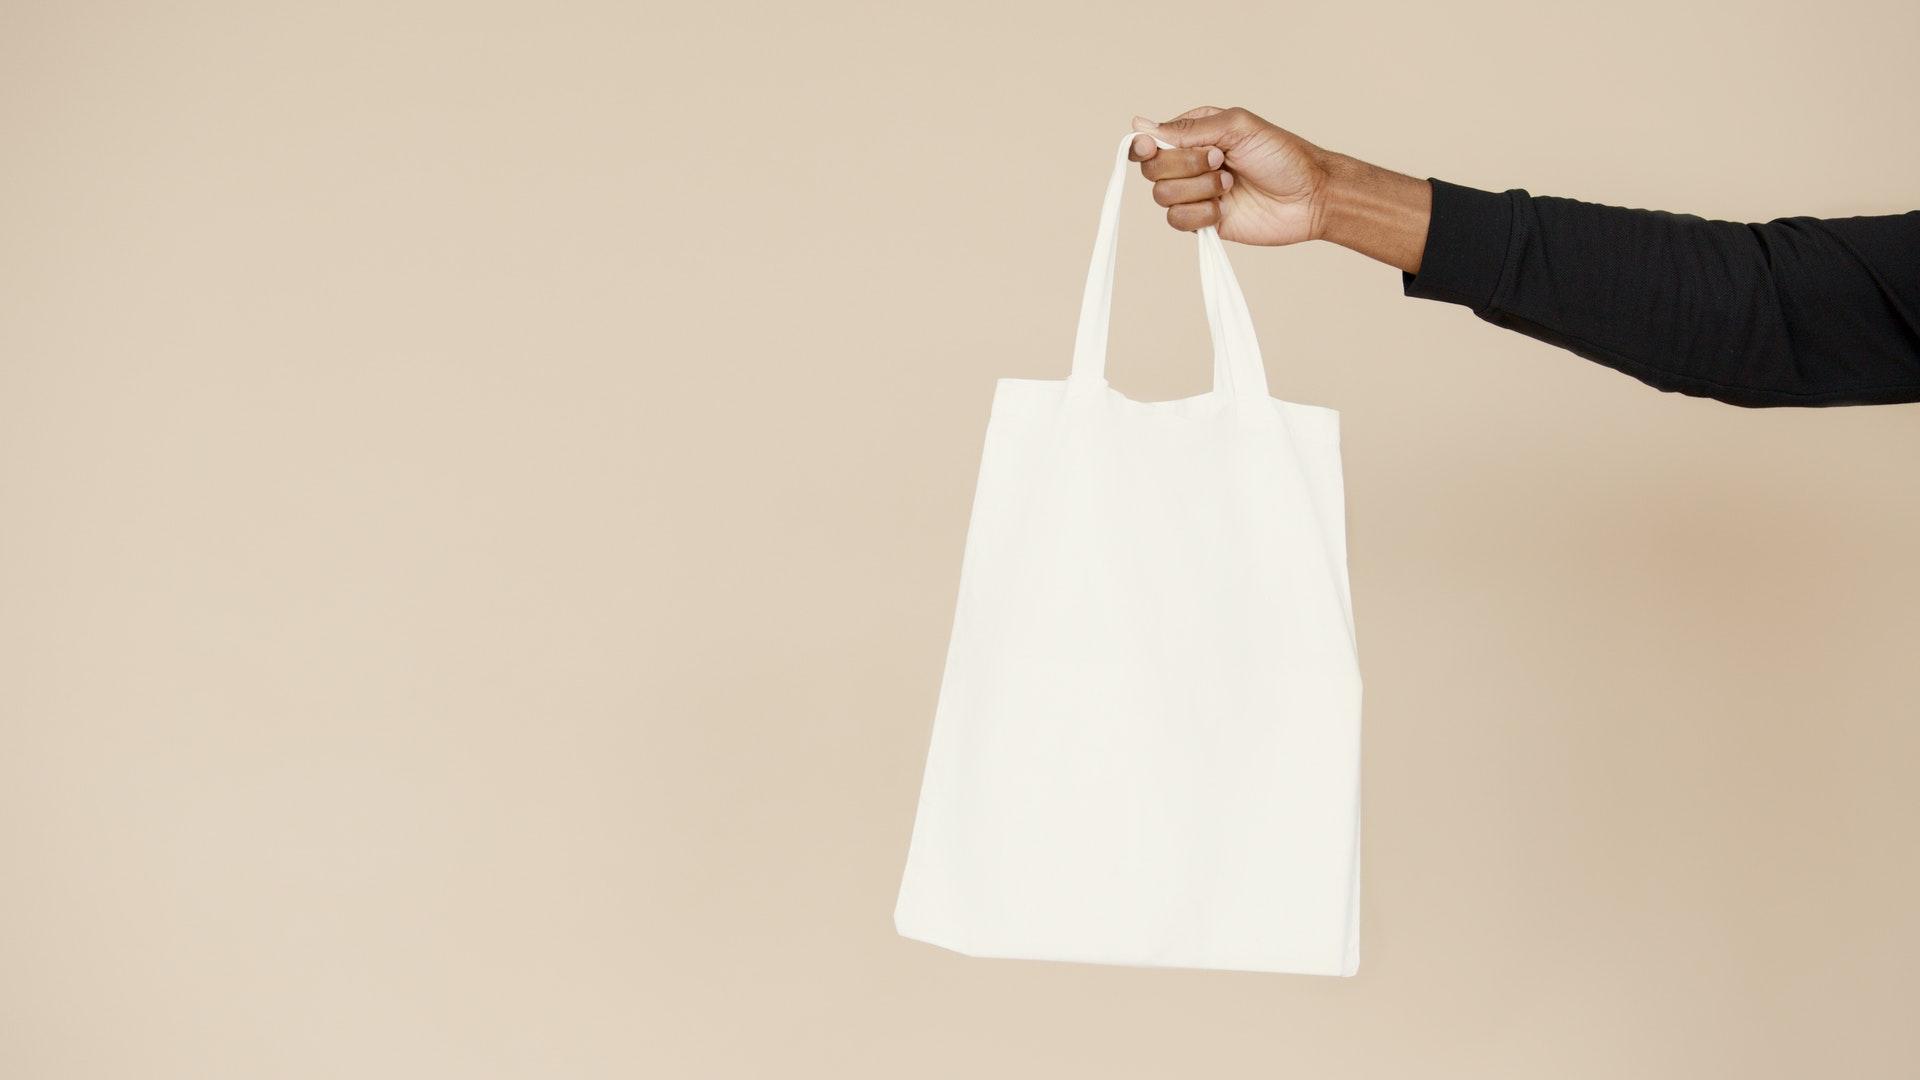 Promover com embalagens é uma ótima estratégia para o seu negócio